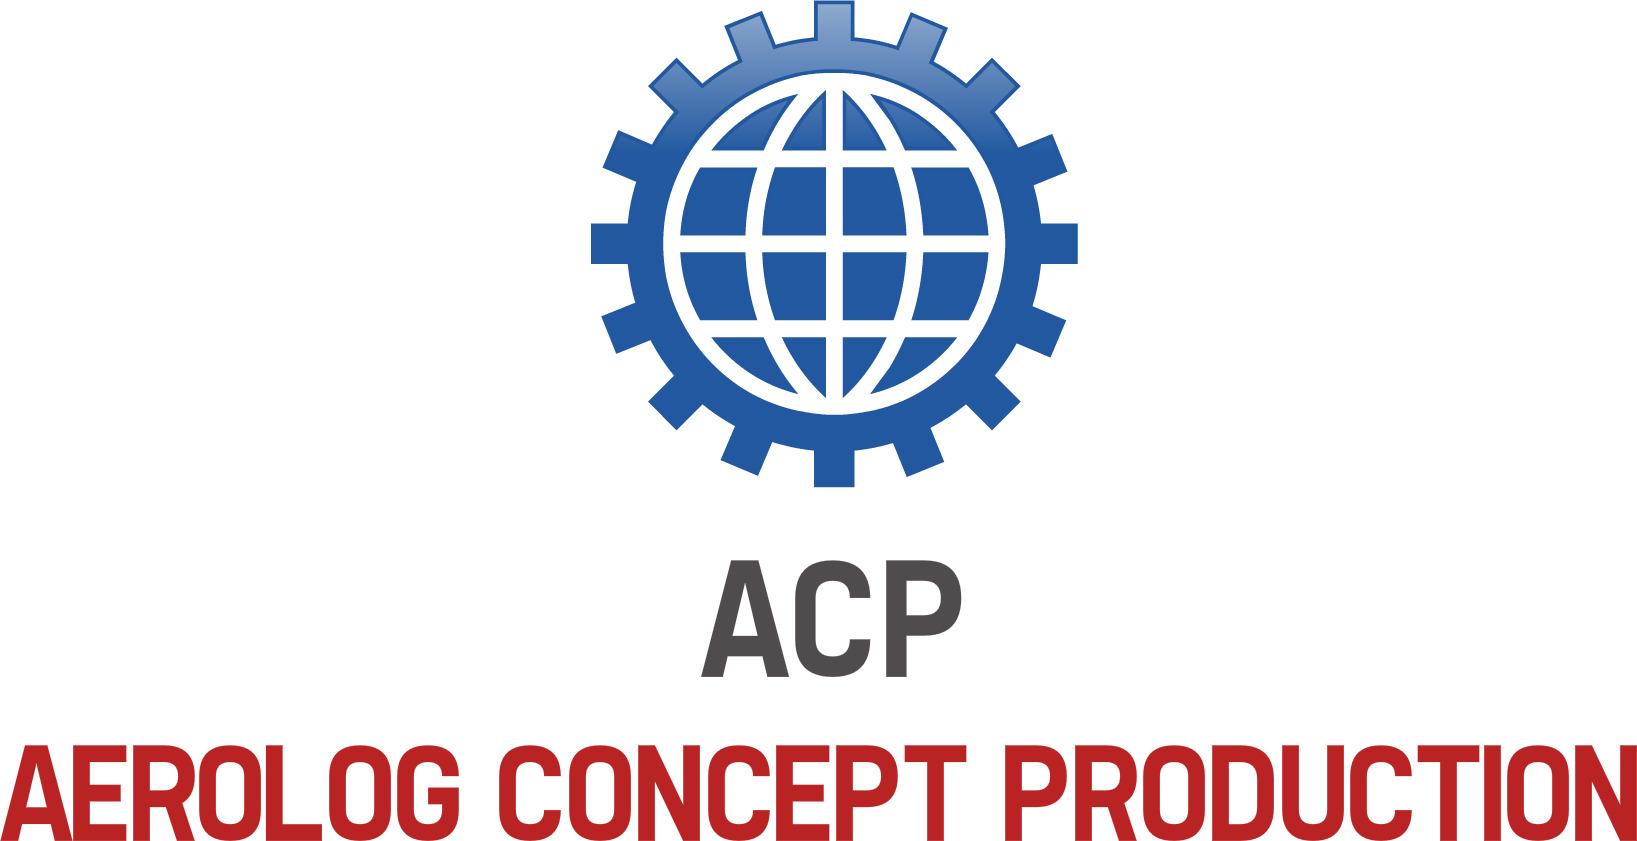 De nouveaux services aéronautiques sous la marques ACP